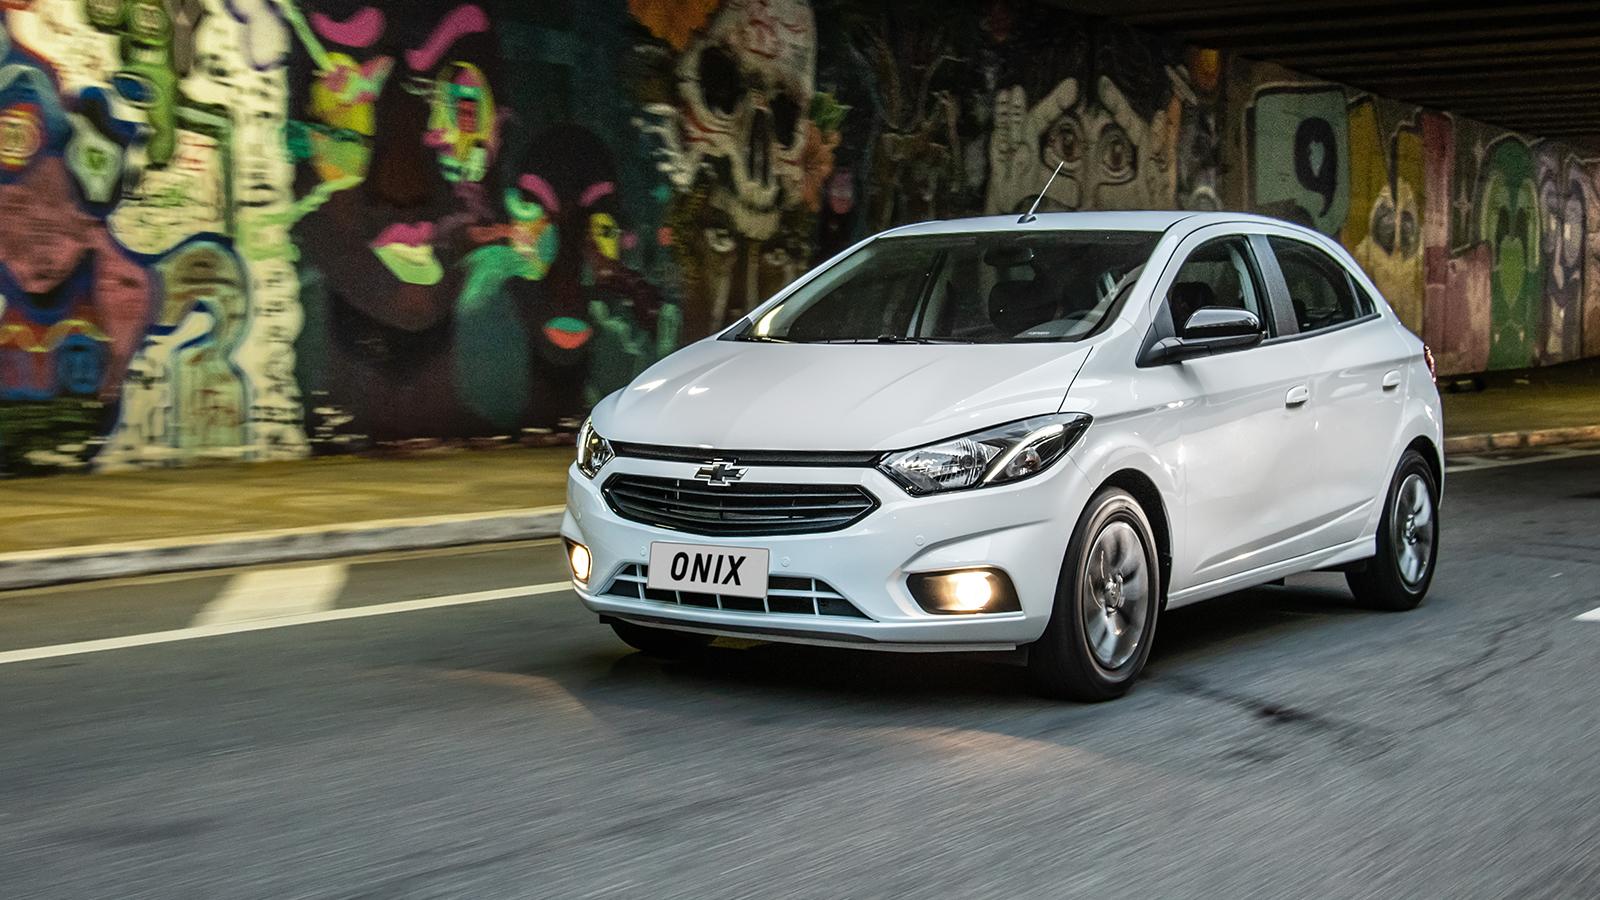 Asi Es El Nuevo Chevrolet Onix Joy Motorblog Uruguay Www Motorblog Com Uy